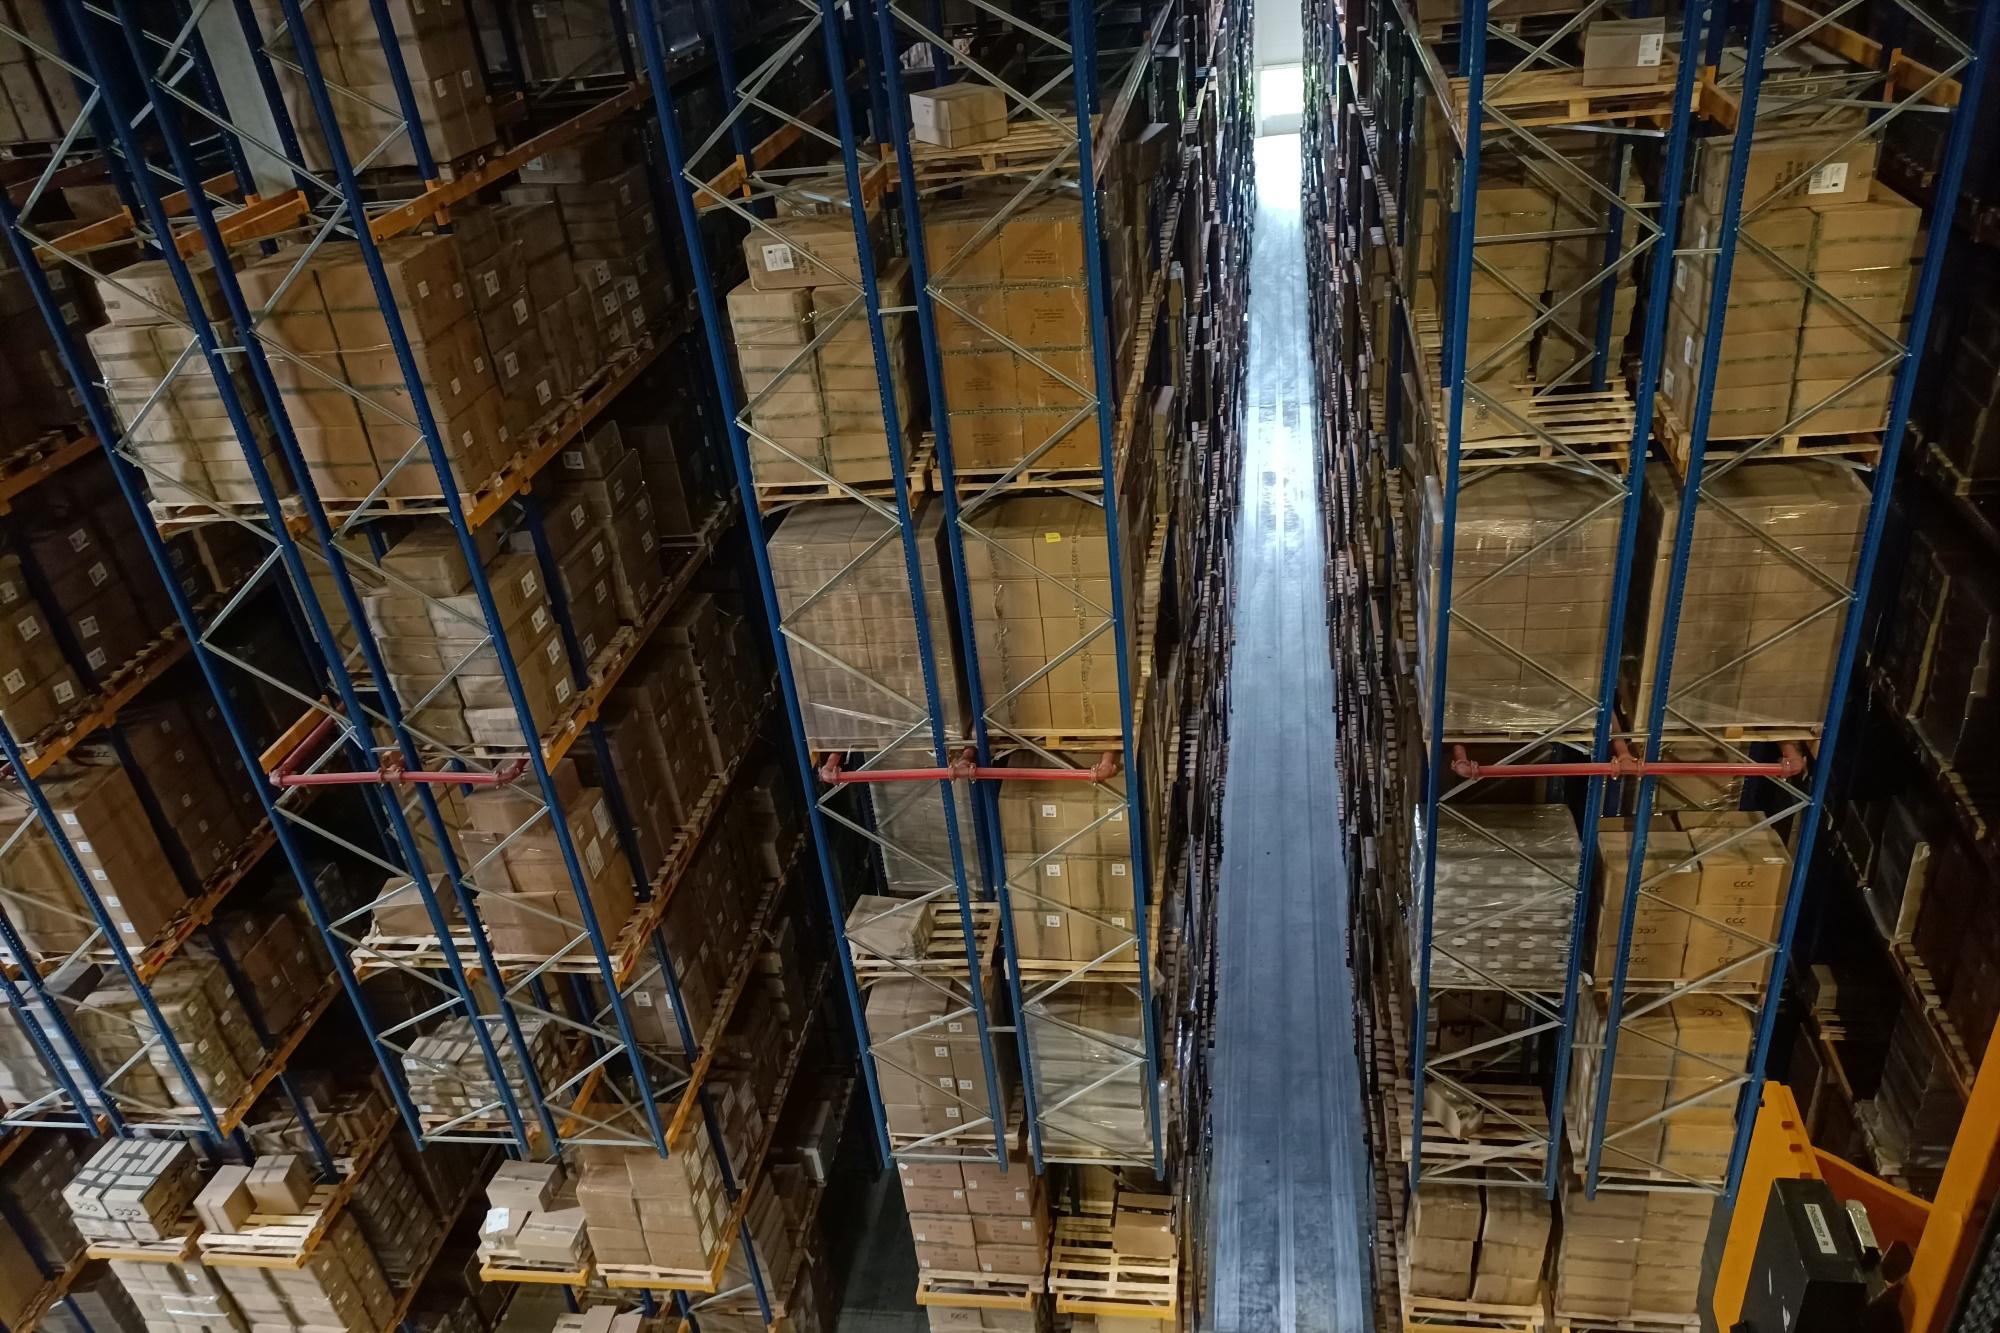 W sumie centrum logistyczne CCC w Polkowicach to magazyny o powierzchni ponad 110 tys. mkw., które mogą pomieścić 20 milionów par butów i torebek plus różnego rodzaju akcesoria. Fot. PTWP